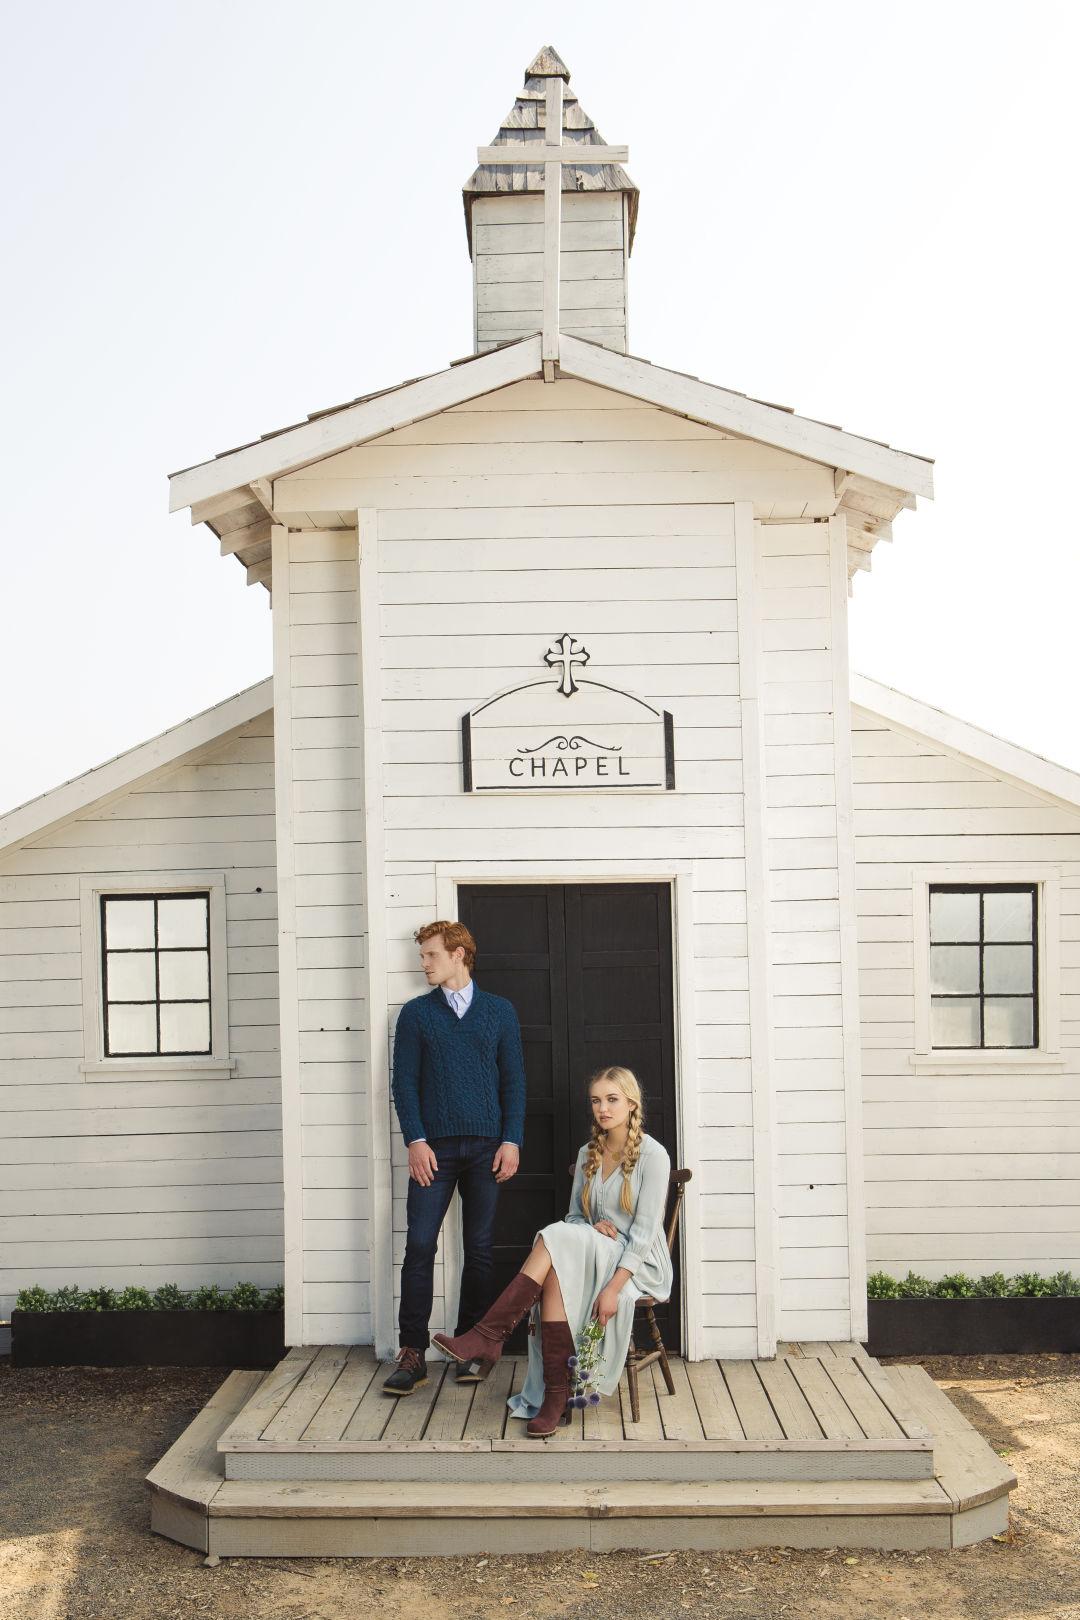 1017 fall fashion chapel qmr6ty